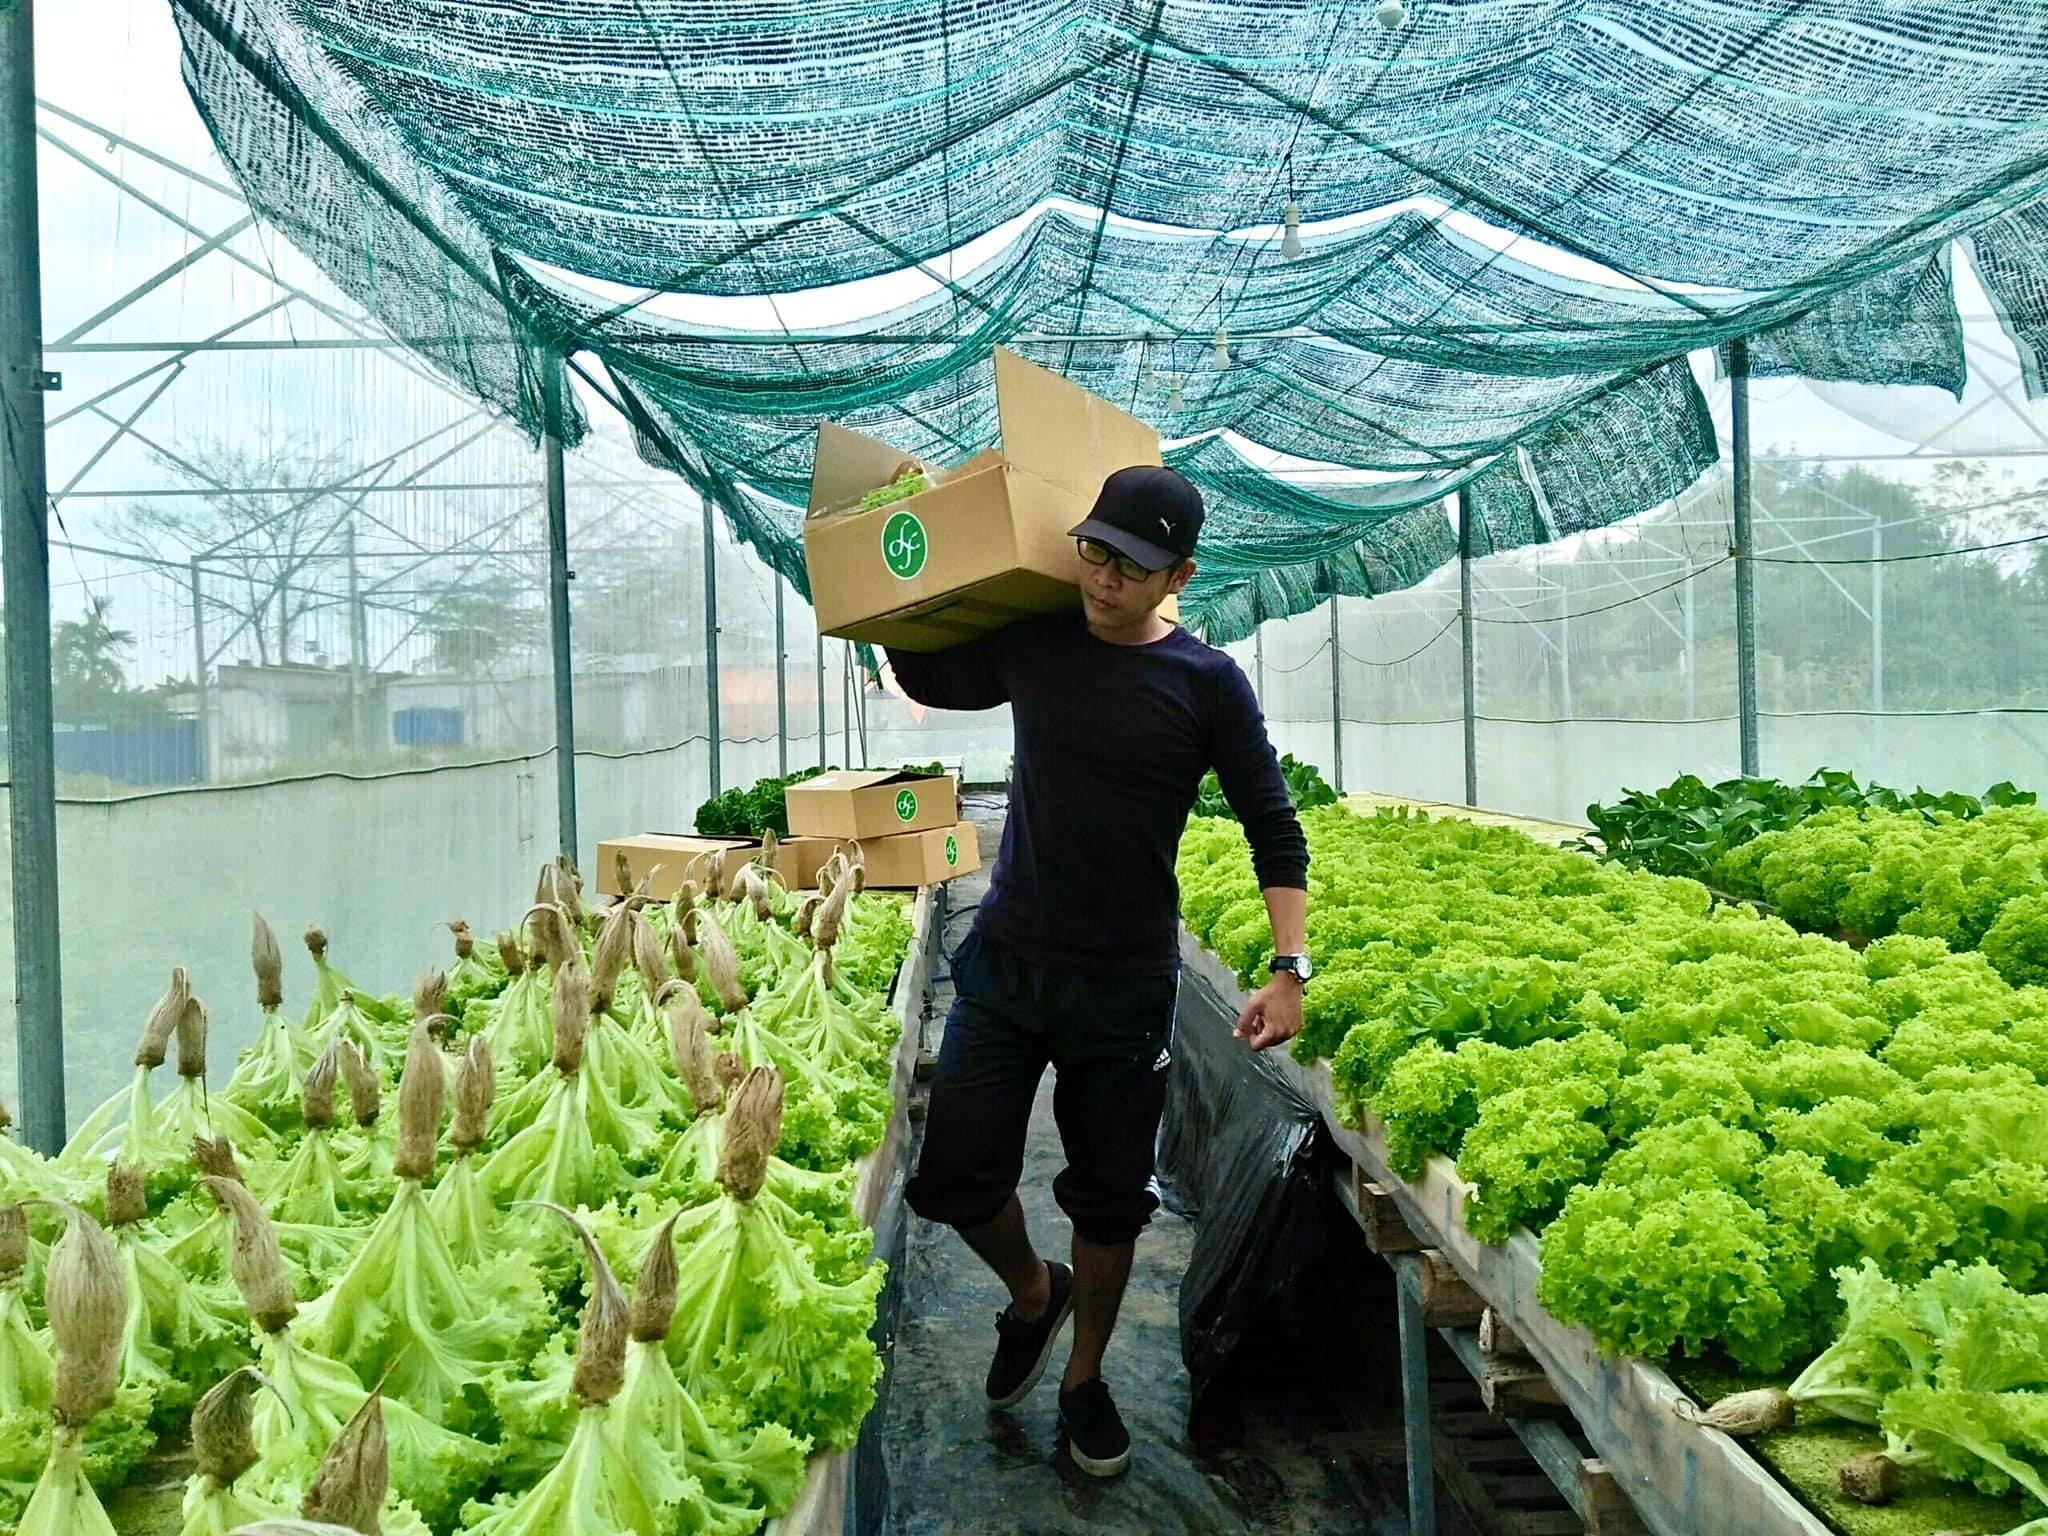 Mô hình khởi nghiệp rau thuỷ canh hướng đến bảo vệ môi trường đất tại địa phương